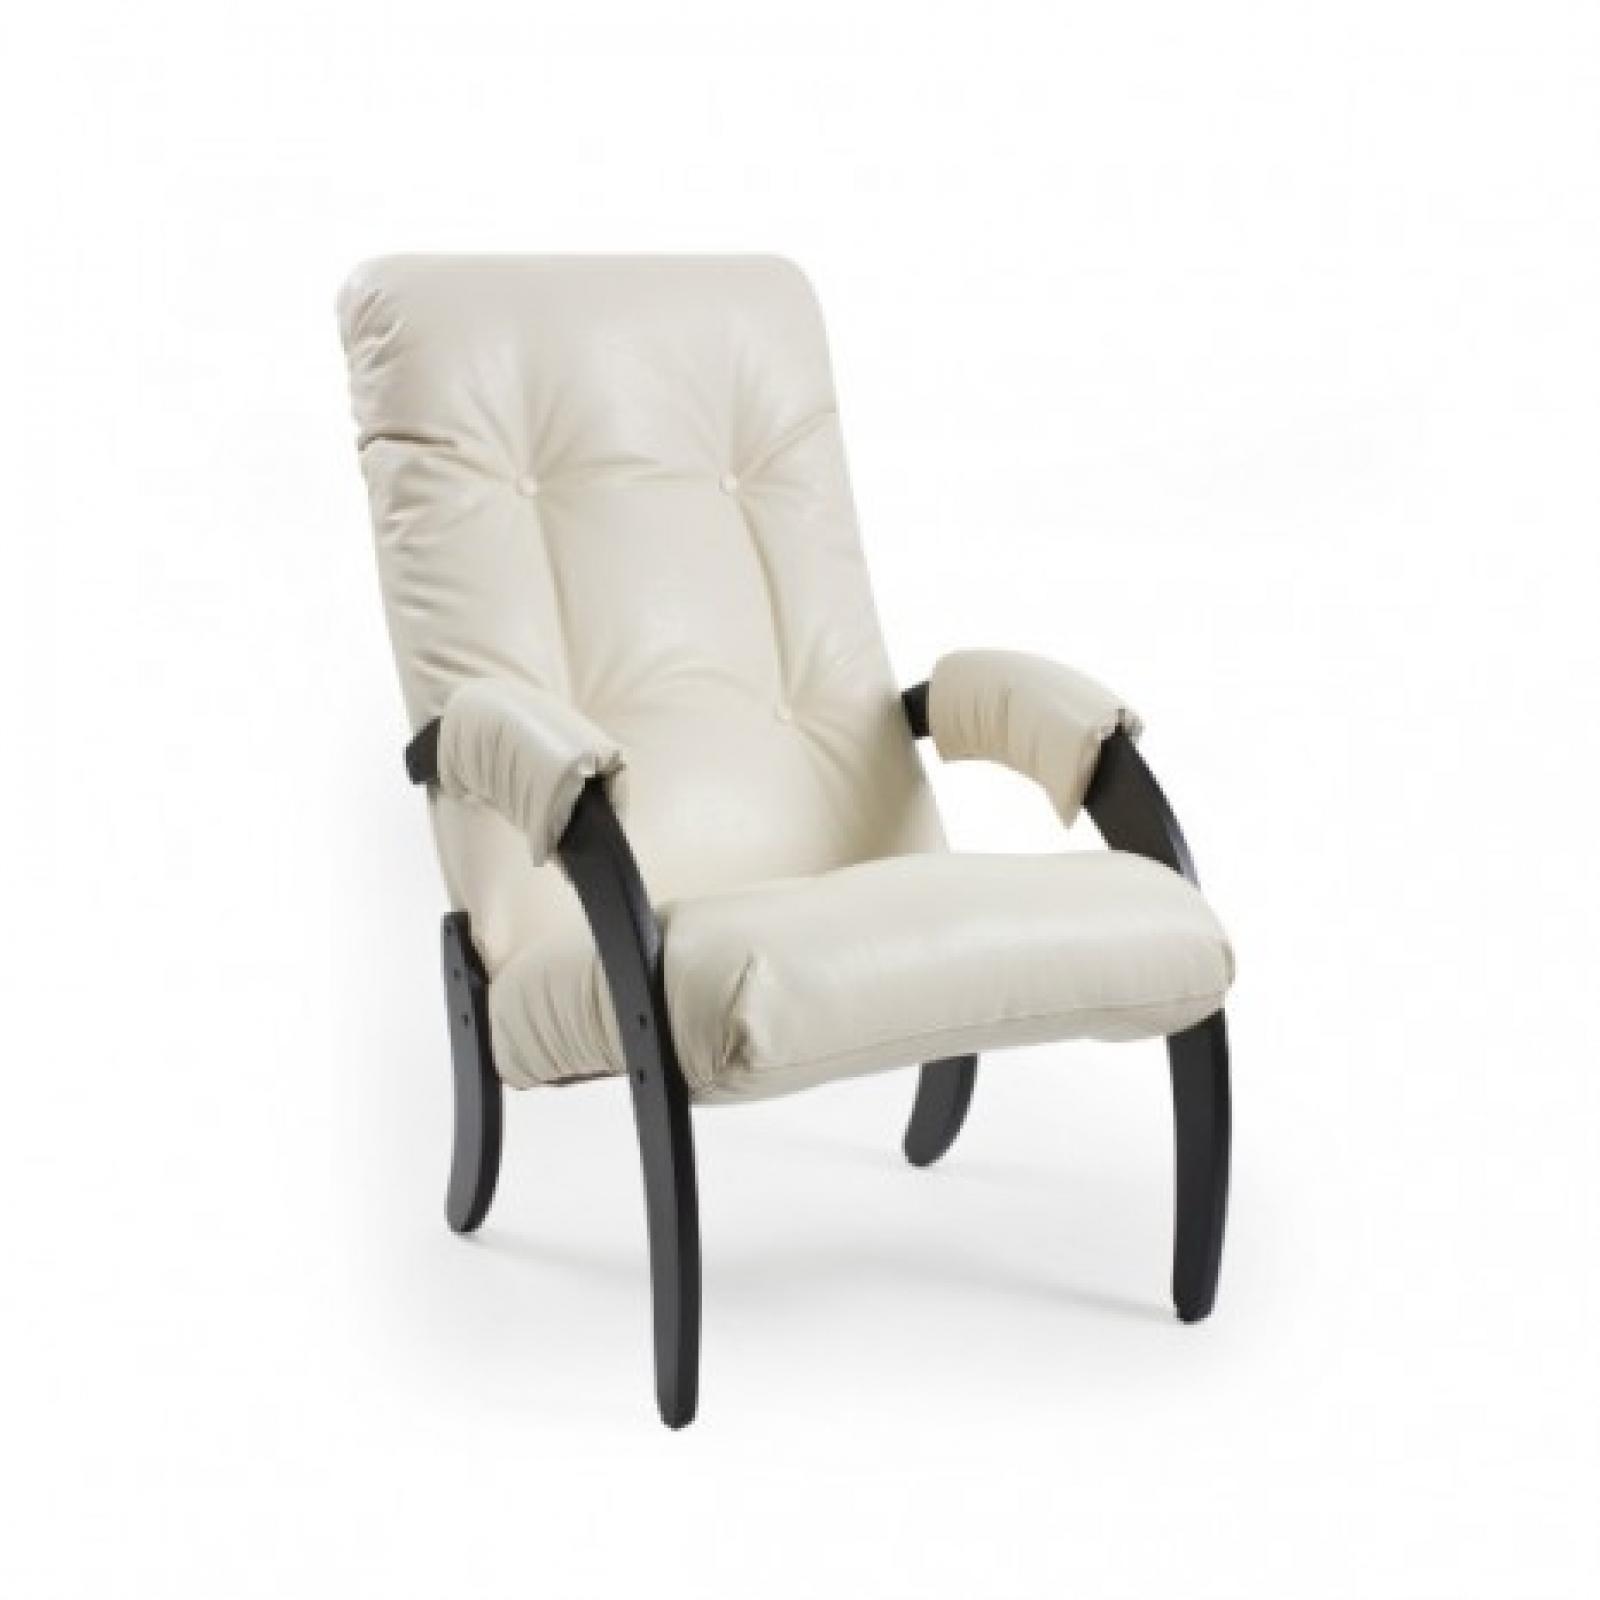 Кресло для отдыха, Модель 61 Венге/Манго 002 - 1